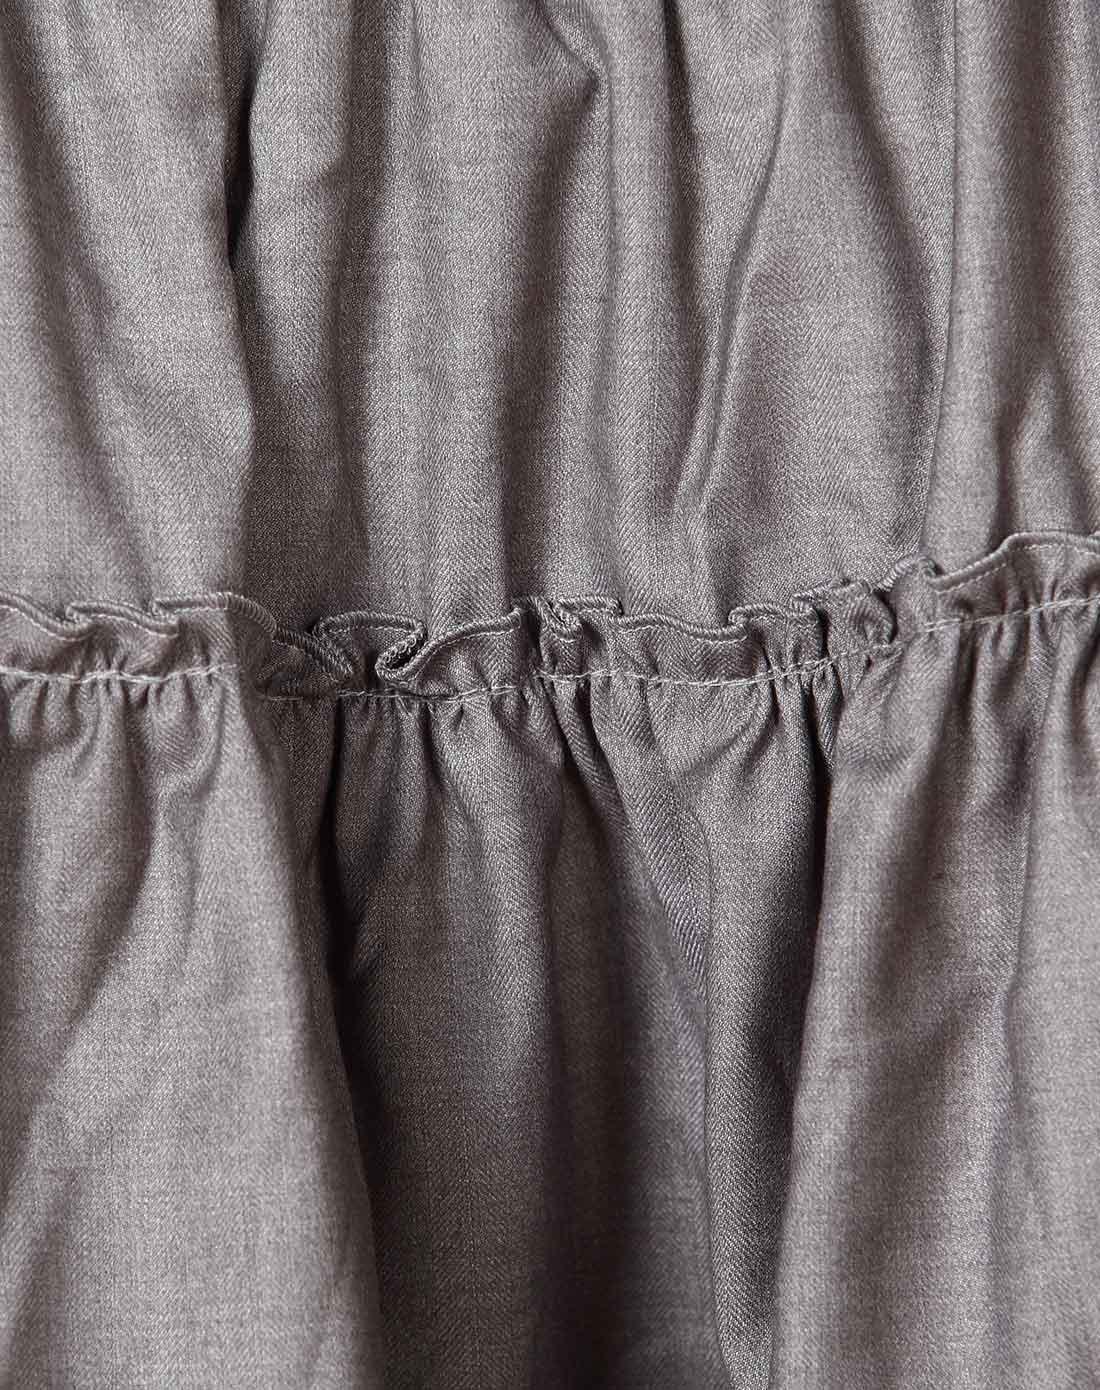 灰色窗帘贴图素材